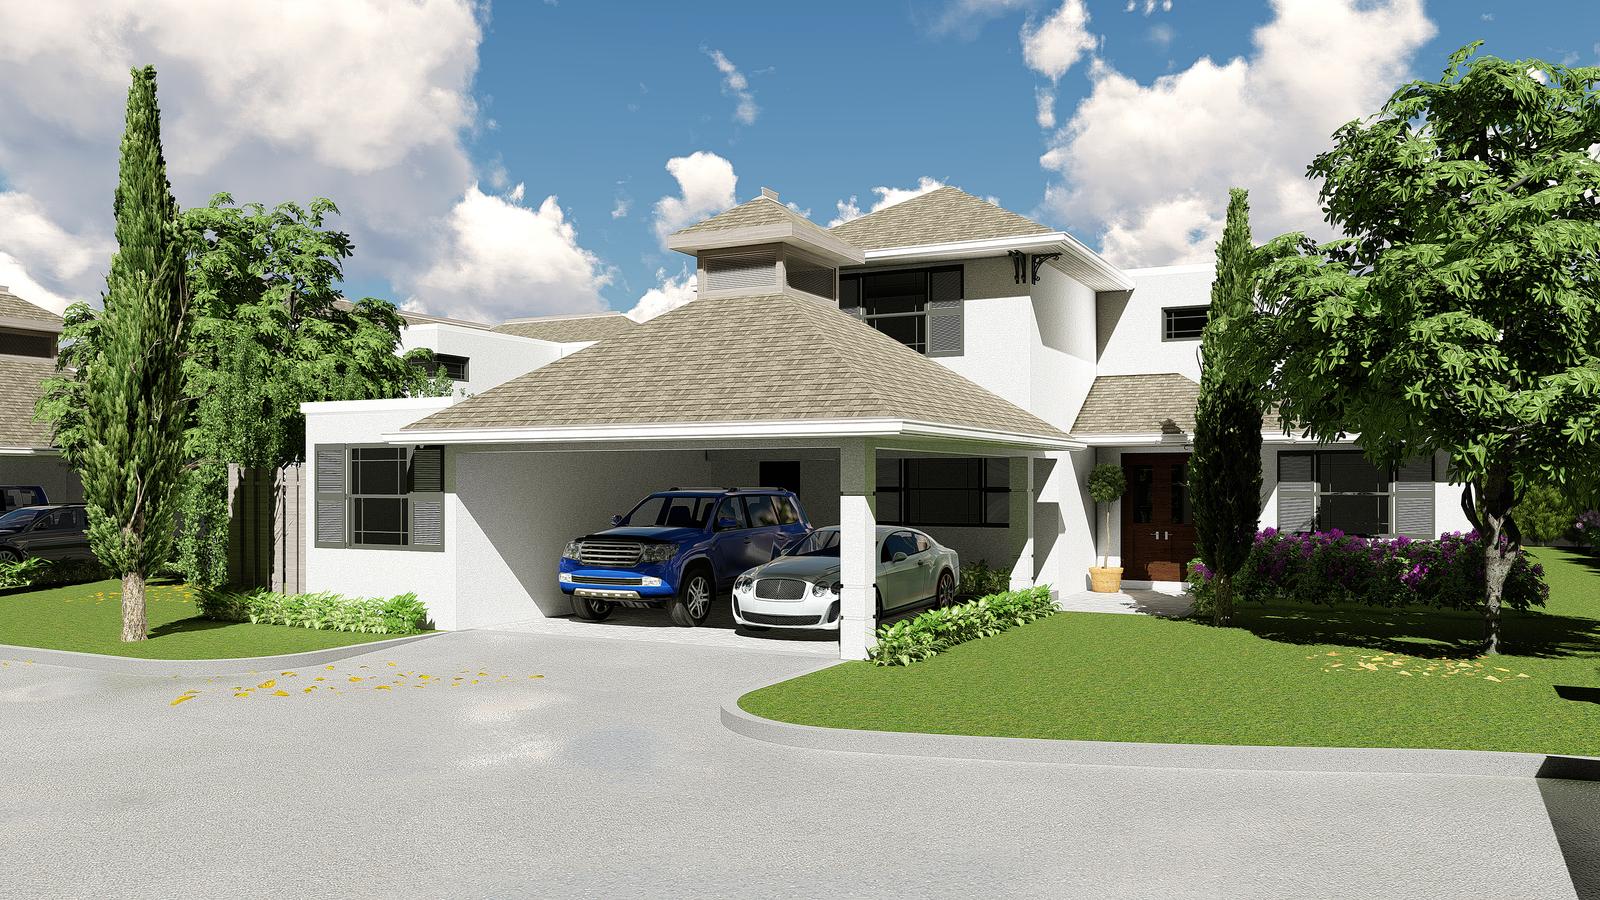 /images/property/75ae0a6019e4e84463f62d6309509eb6529699258.jpeg